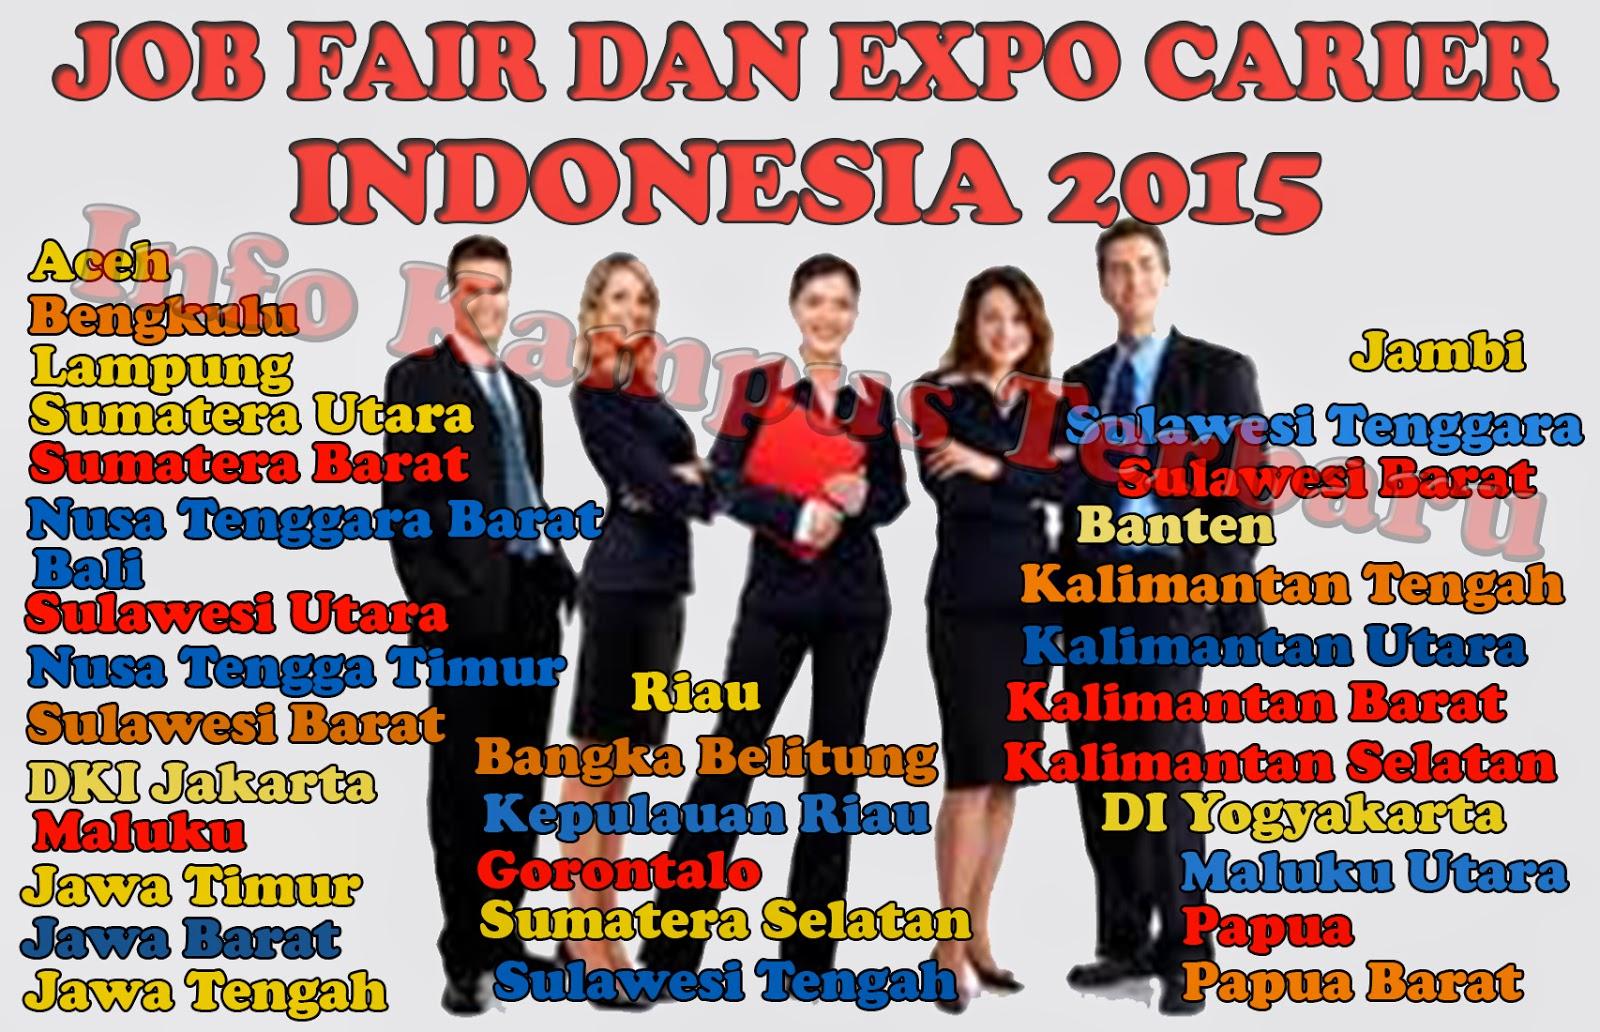 Jadwal Lengkap Job Fair Tahun 2015